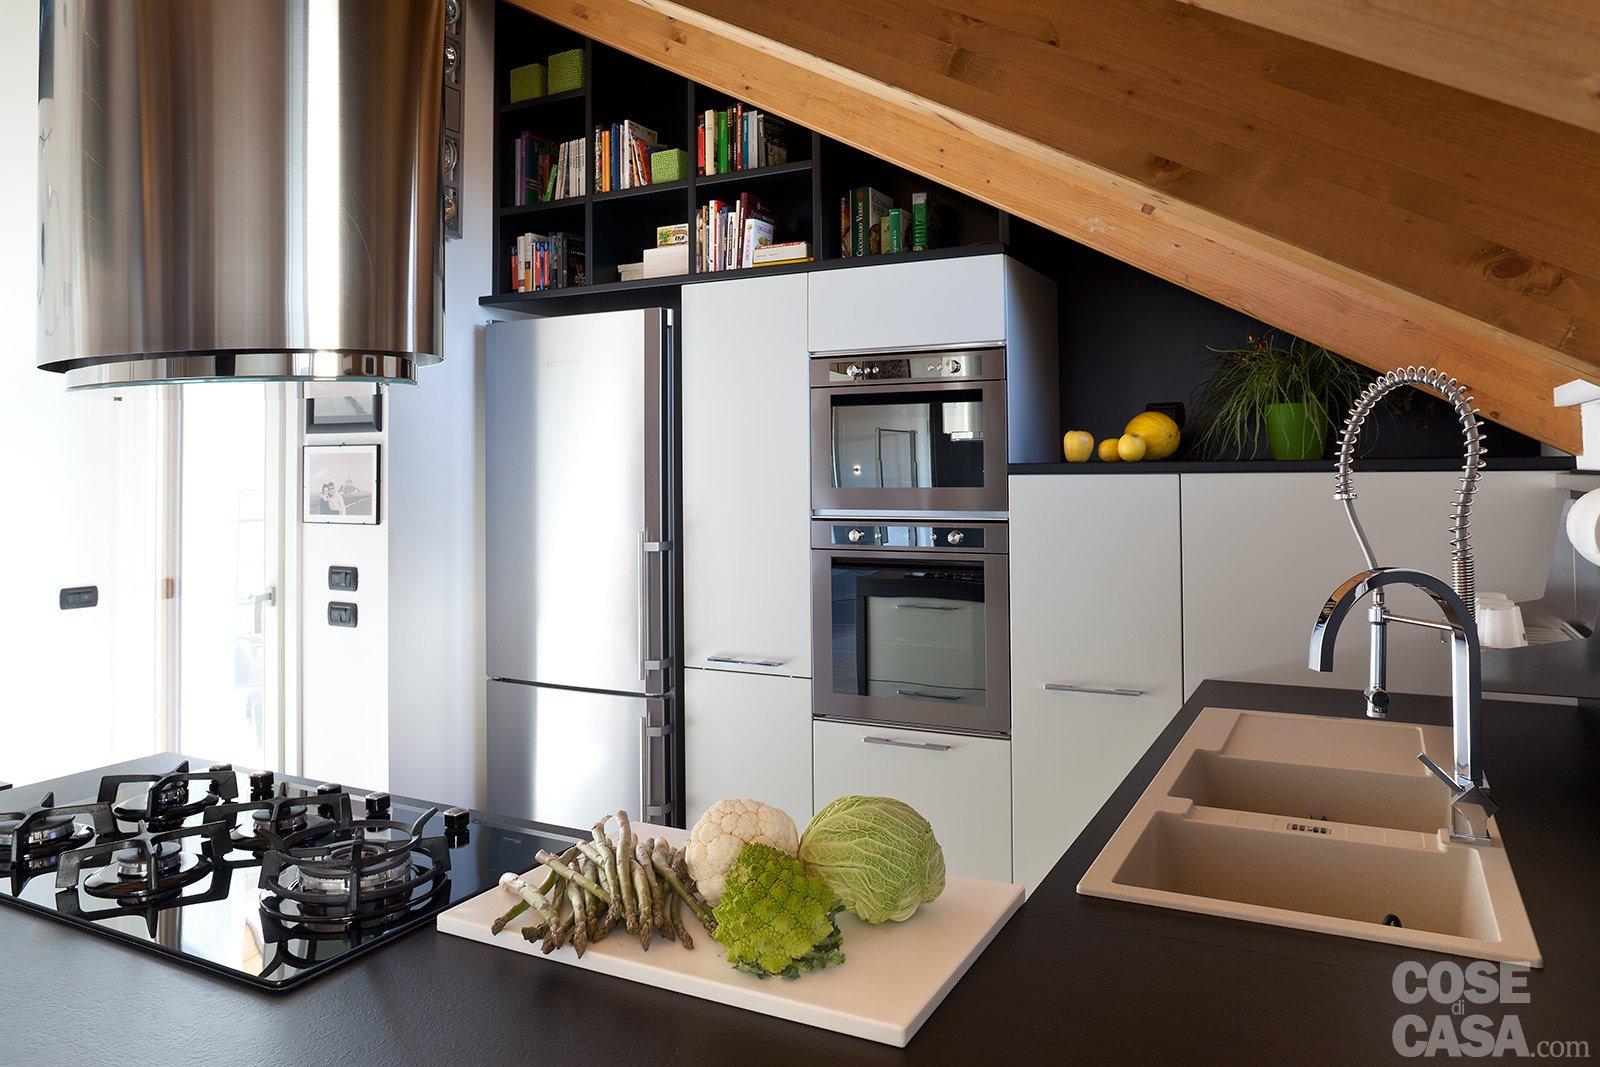 90+10 mq per una casa che sfrutta bene gli spazi - Cose di Casa